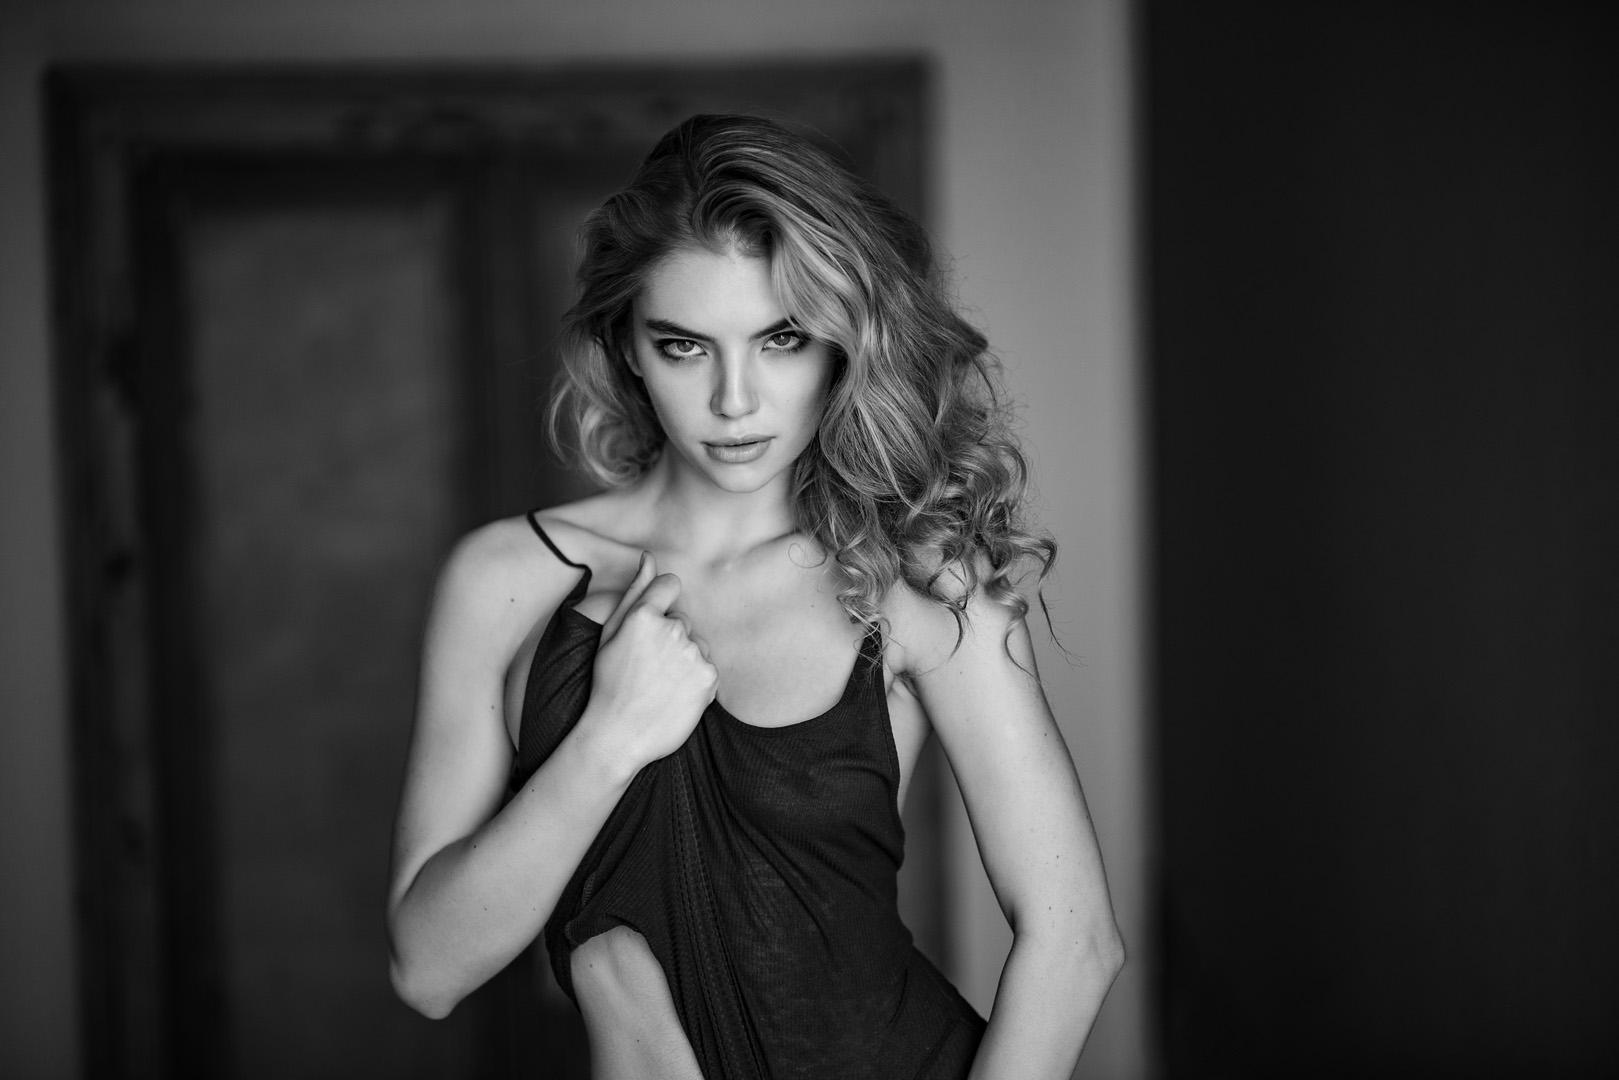 Natalia-11260